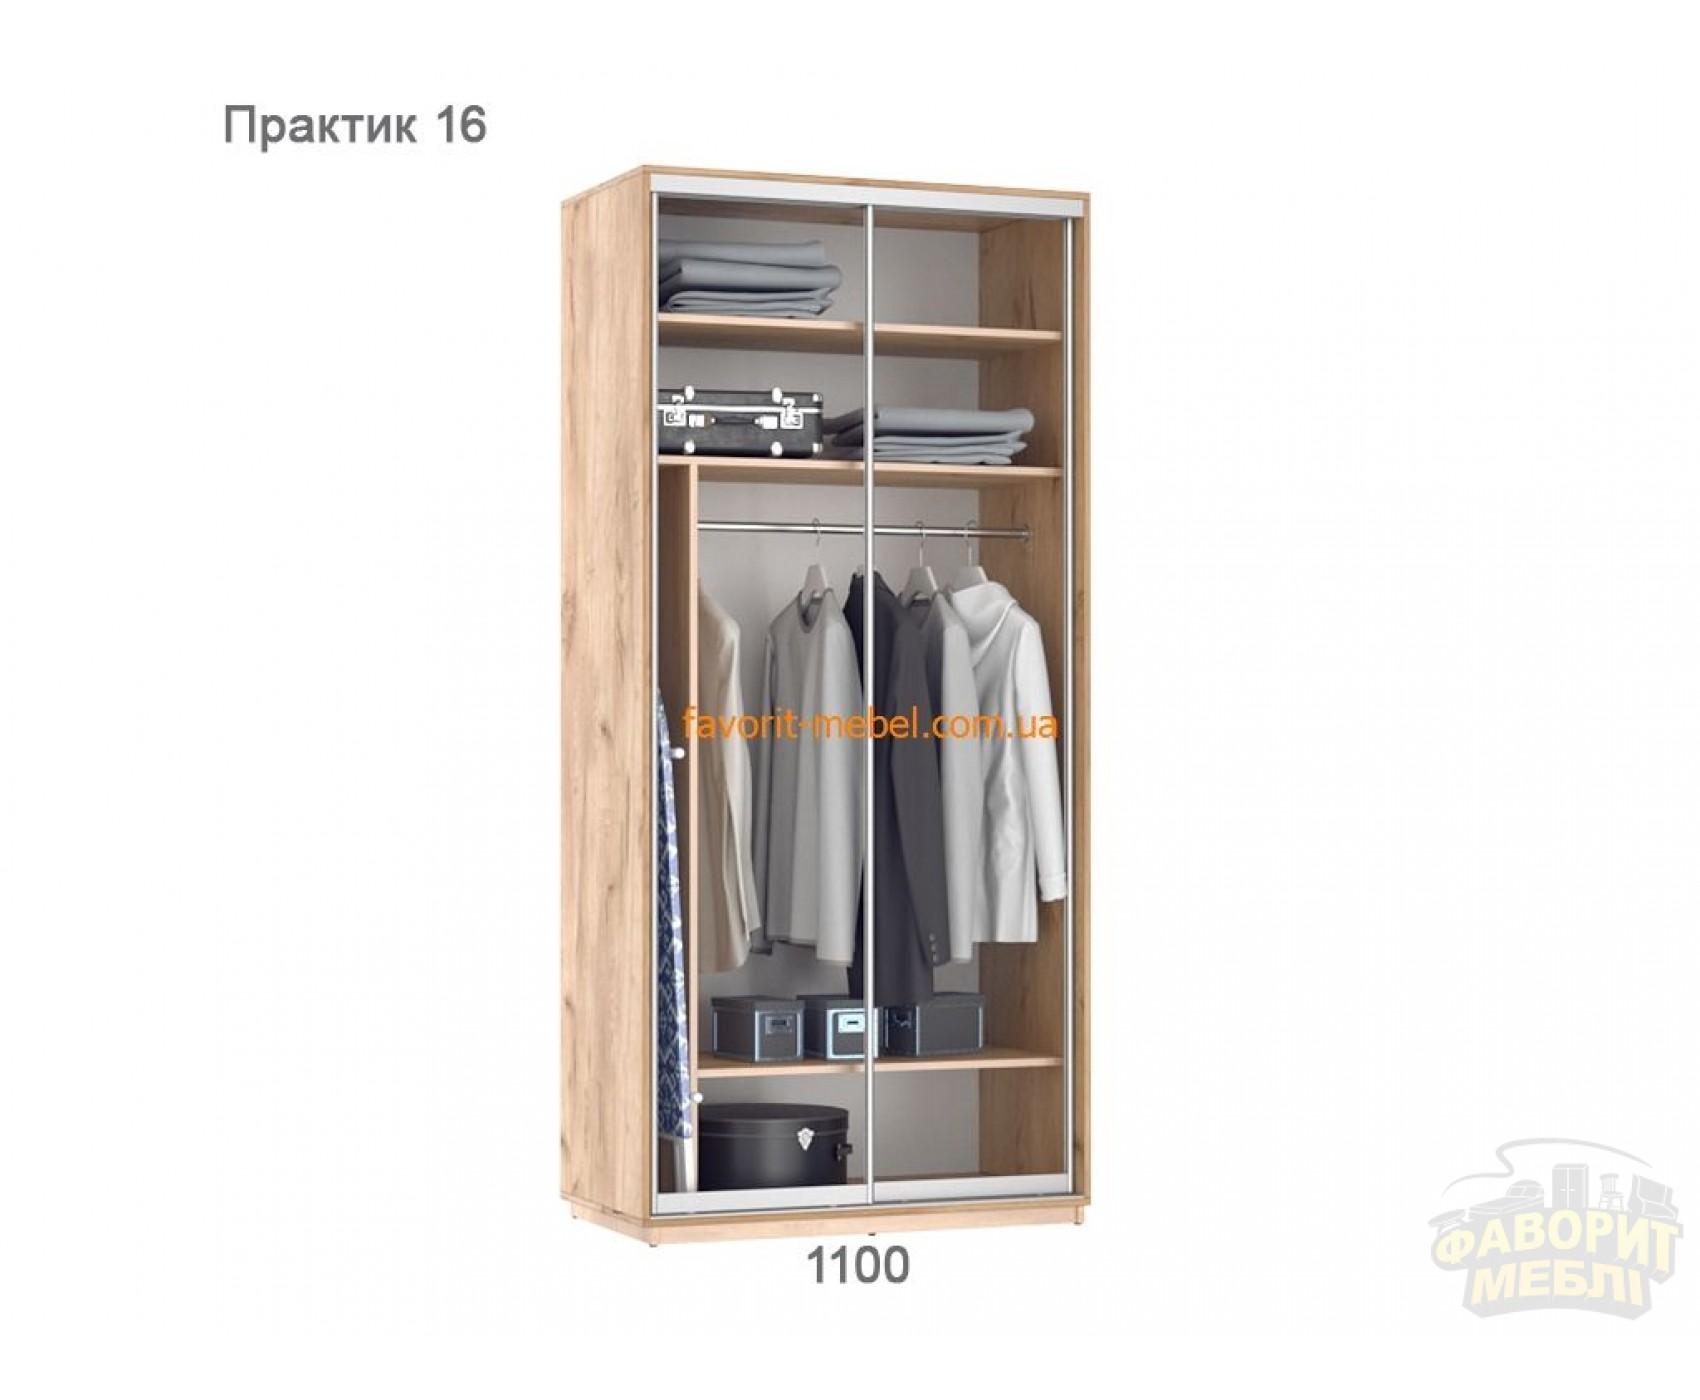 Шкаф купе Практик 16 (110х60х240 см)